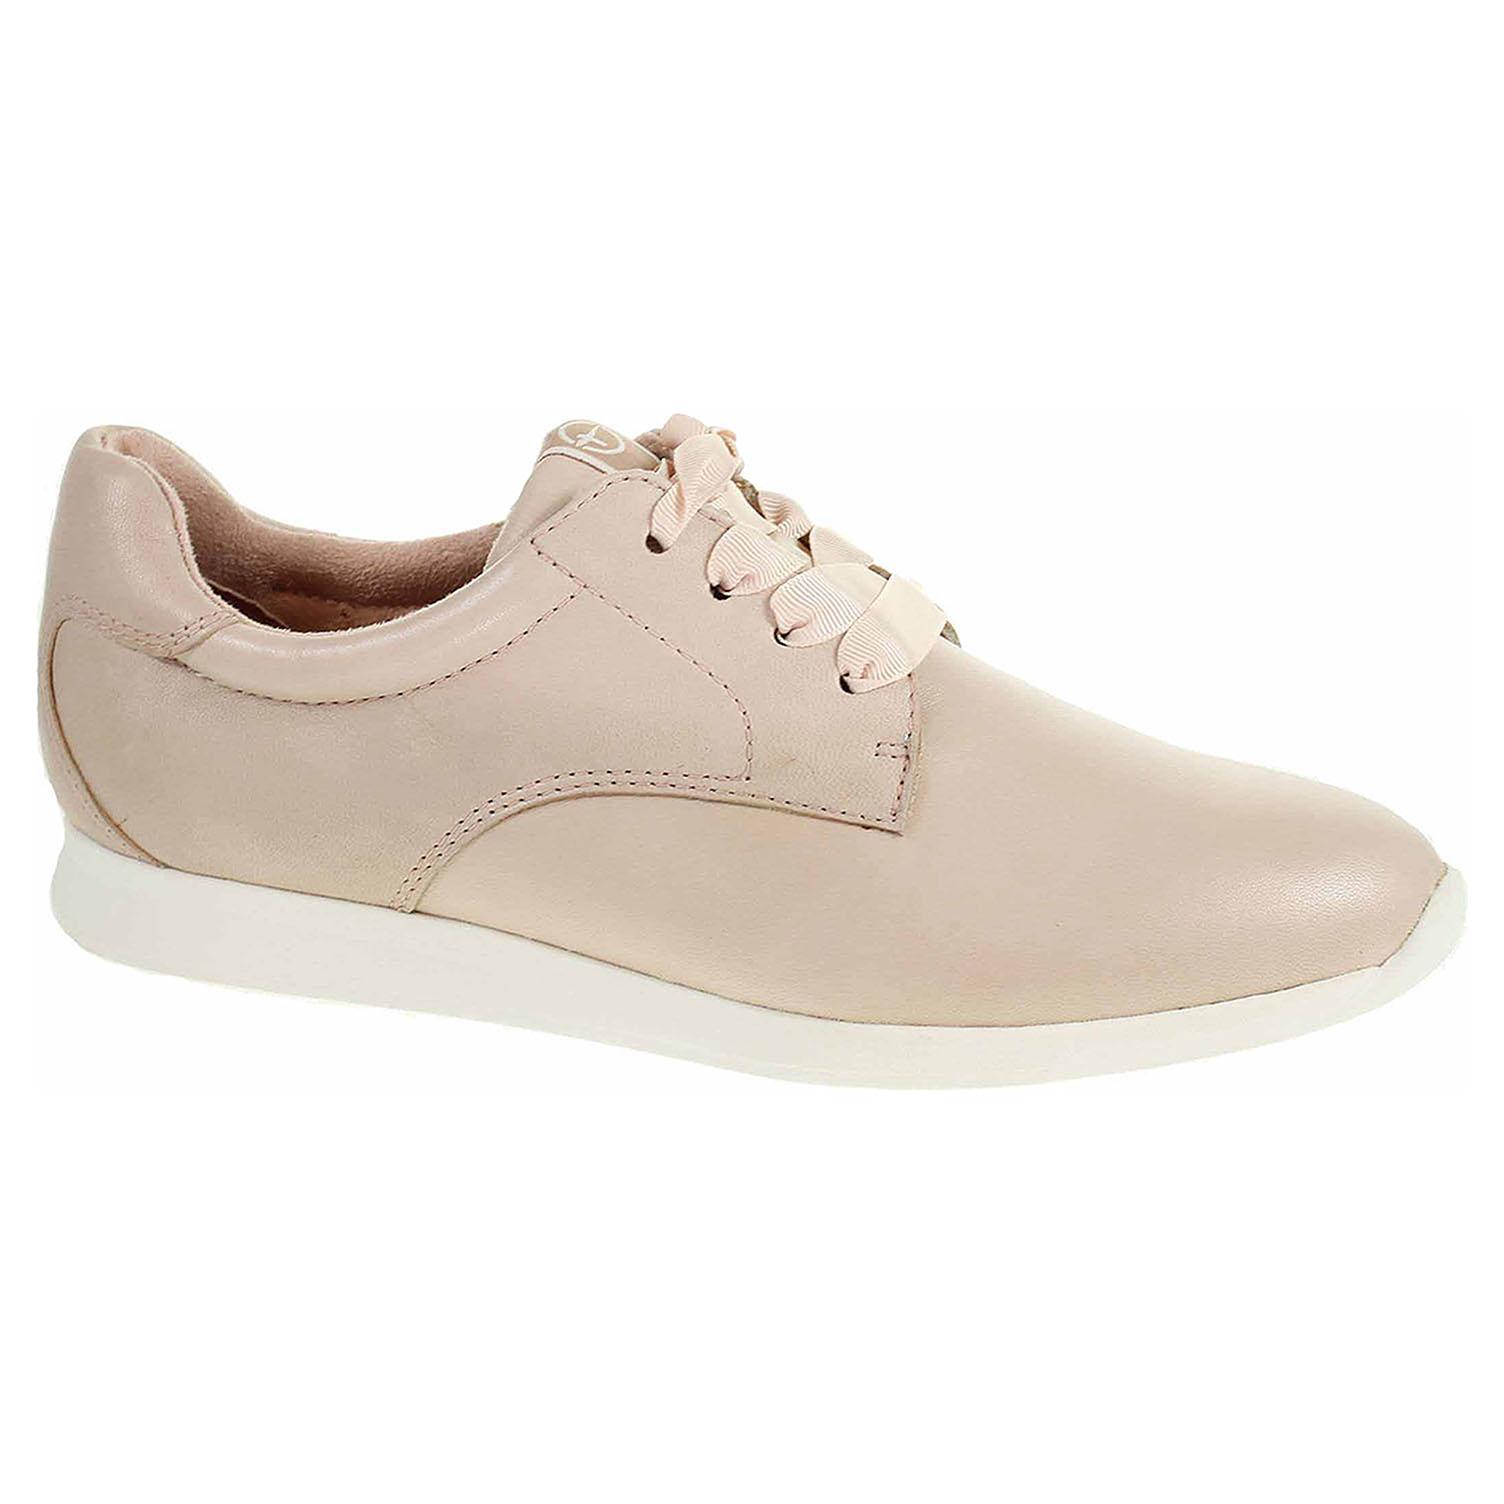 Dámská obuv Tamaris 1-23620-22 rose 1-1-23620-22 521 38